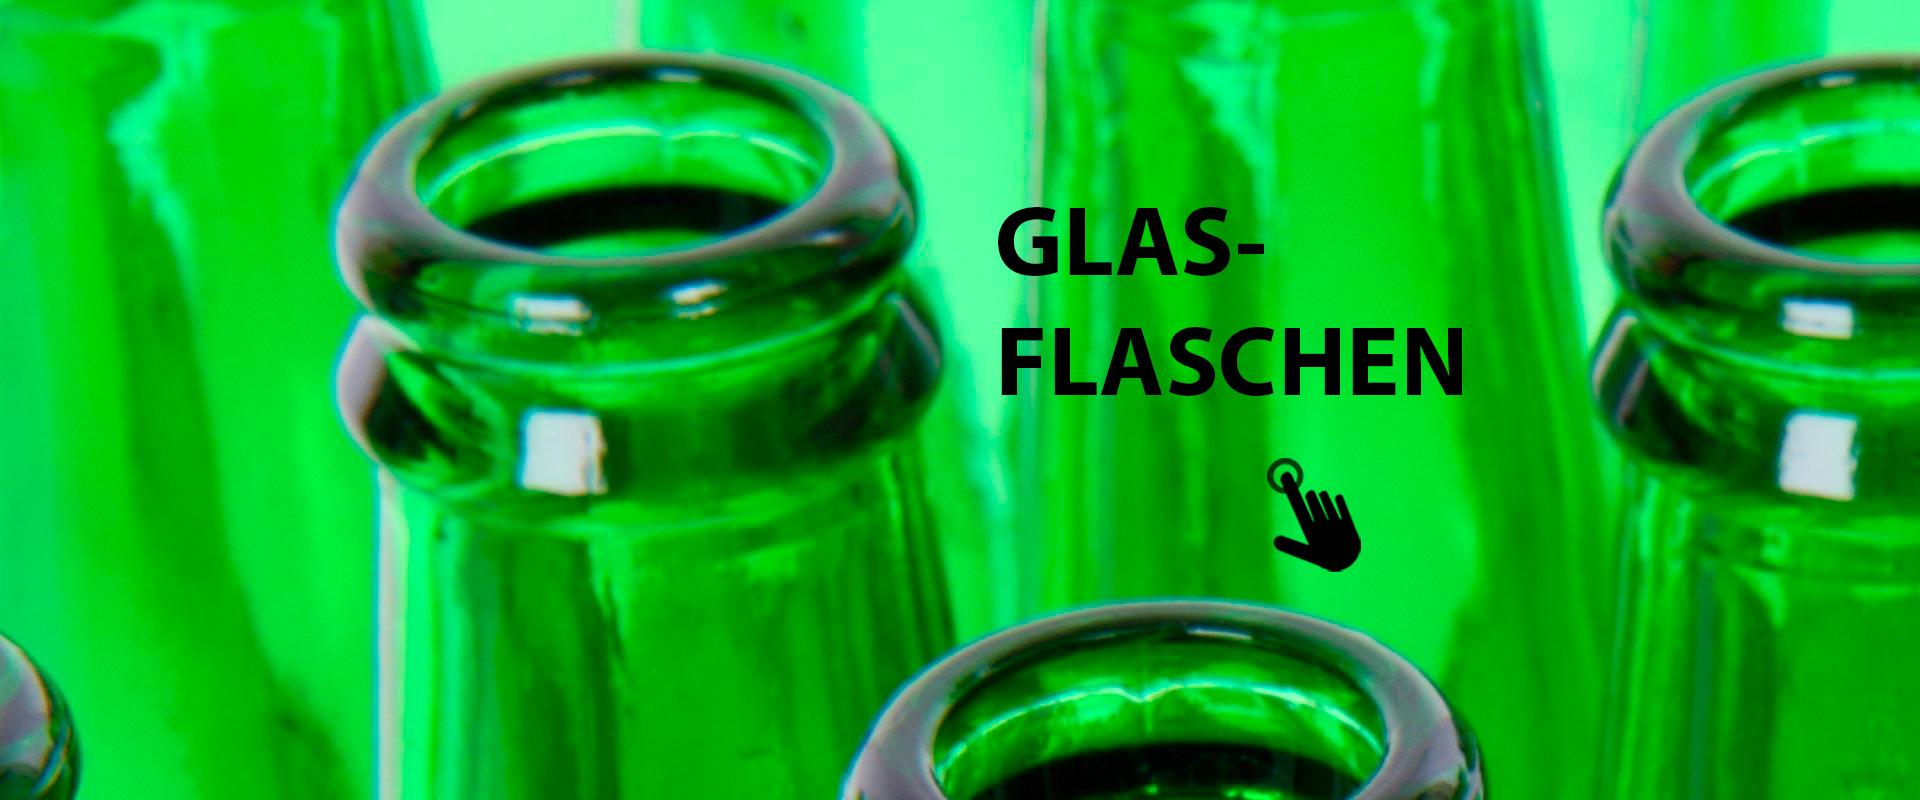 Inspektion von Glasflaschen